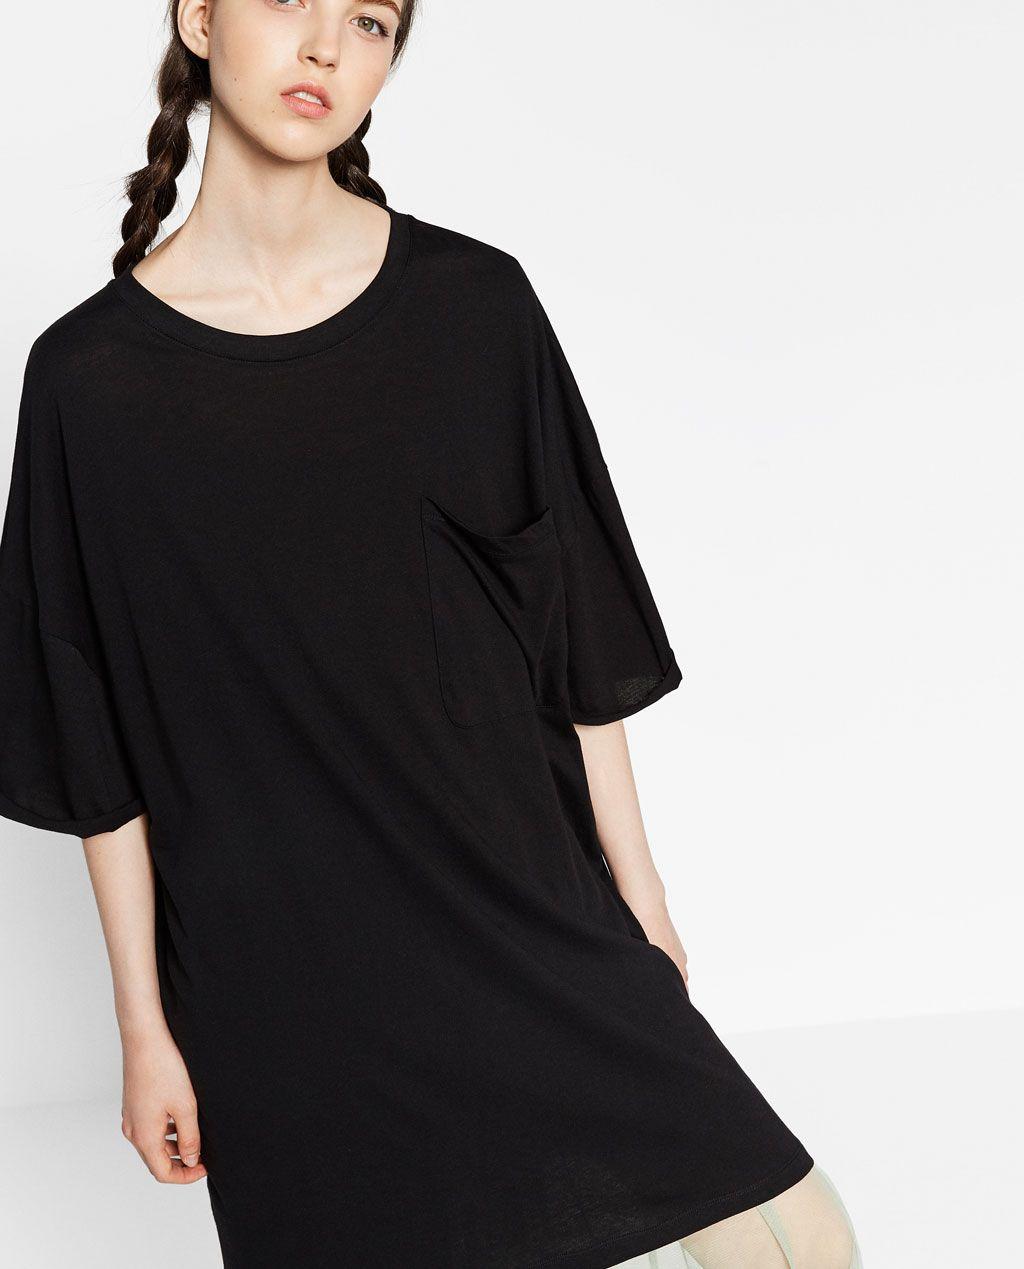 Oversized t shirt dress details 499 000 vnd